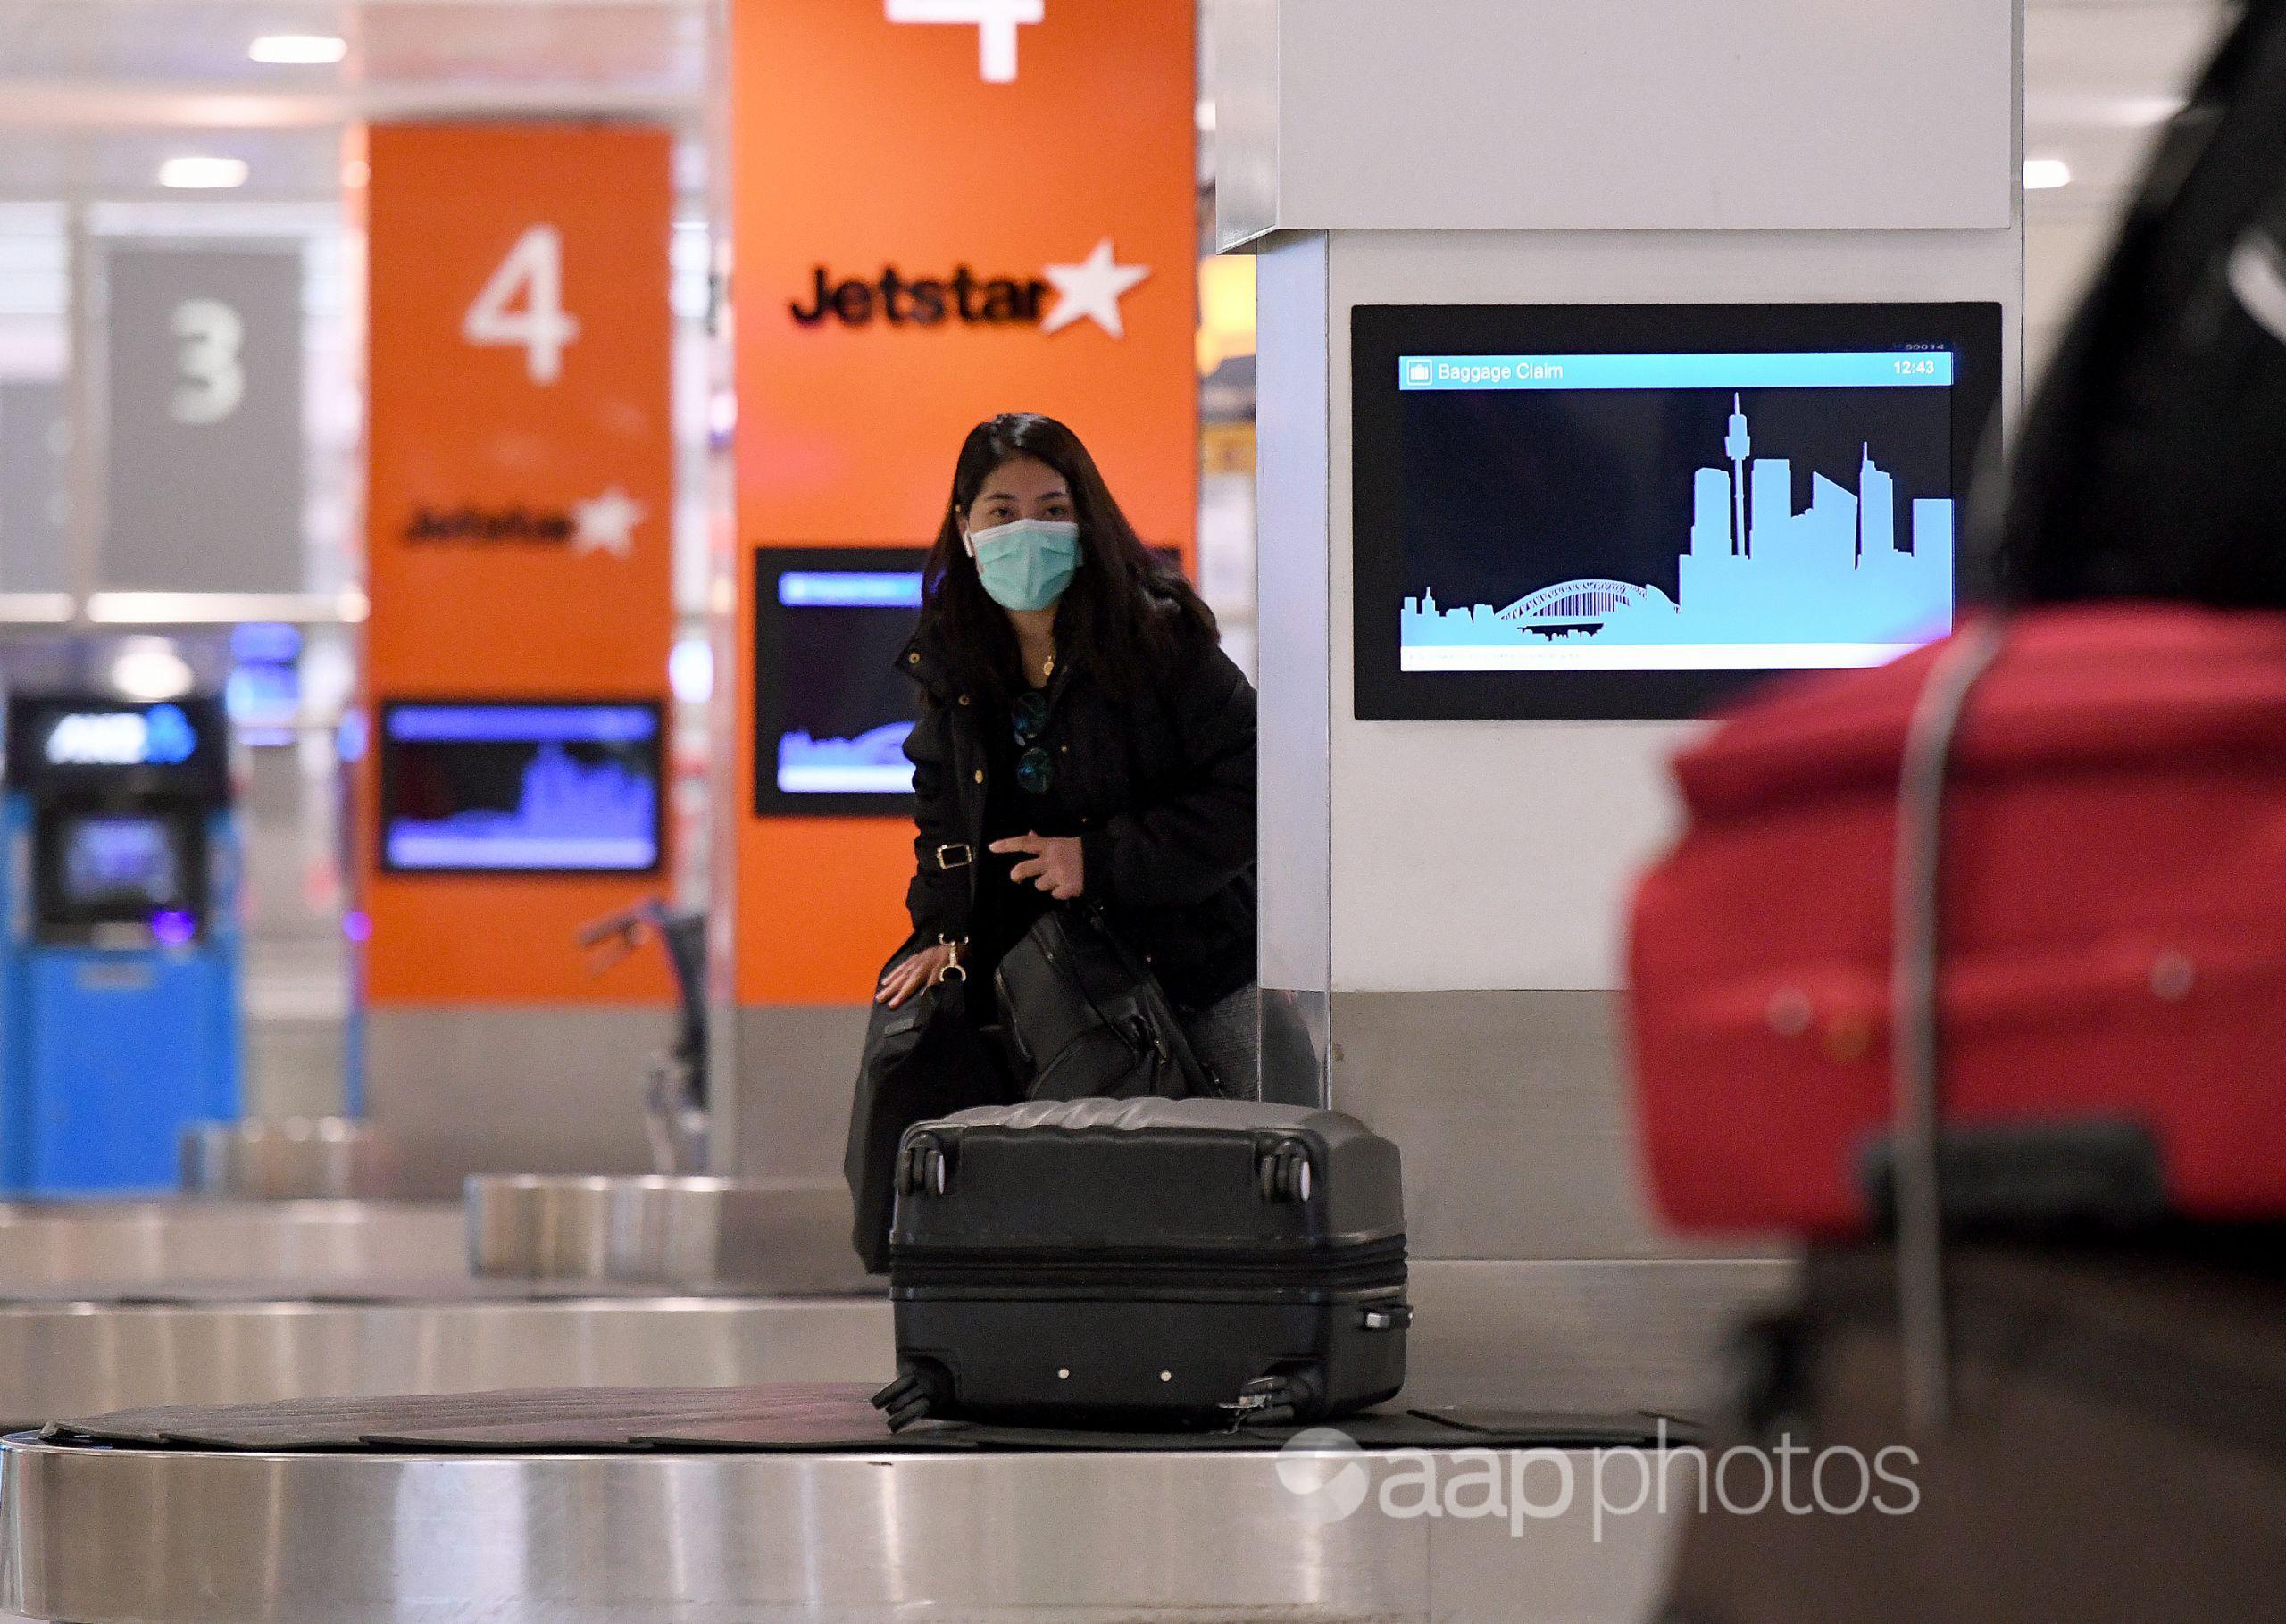 A Jetstar passenger